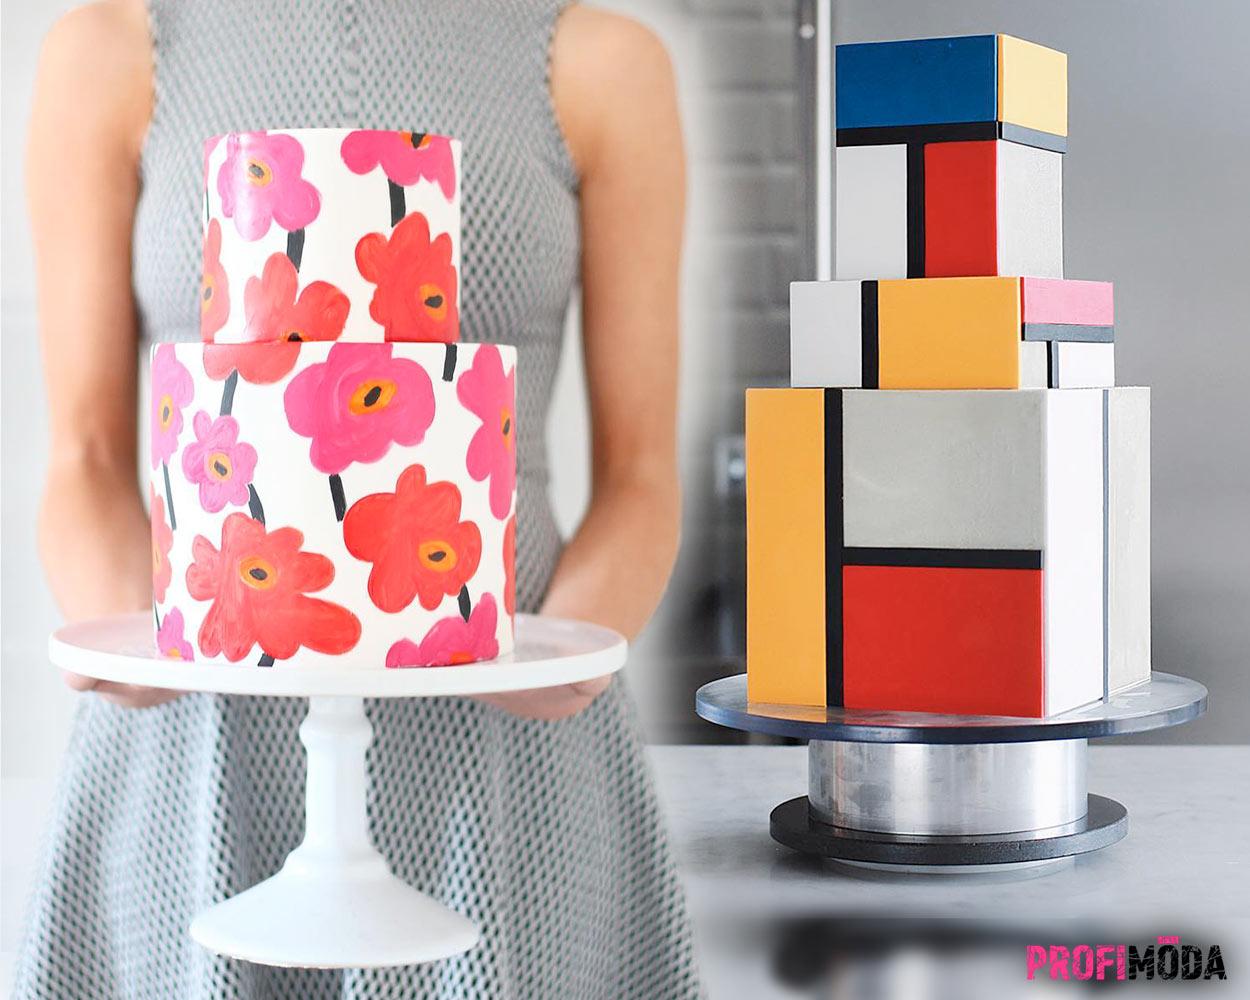 Cukrářské trendy 2020 mění dorty ve známé obrazy.